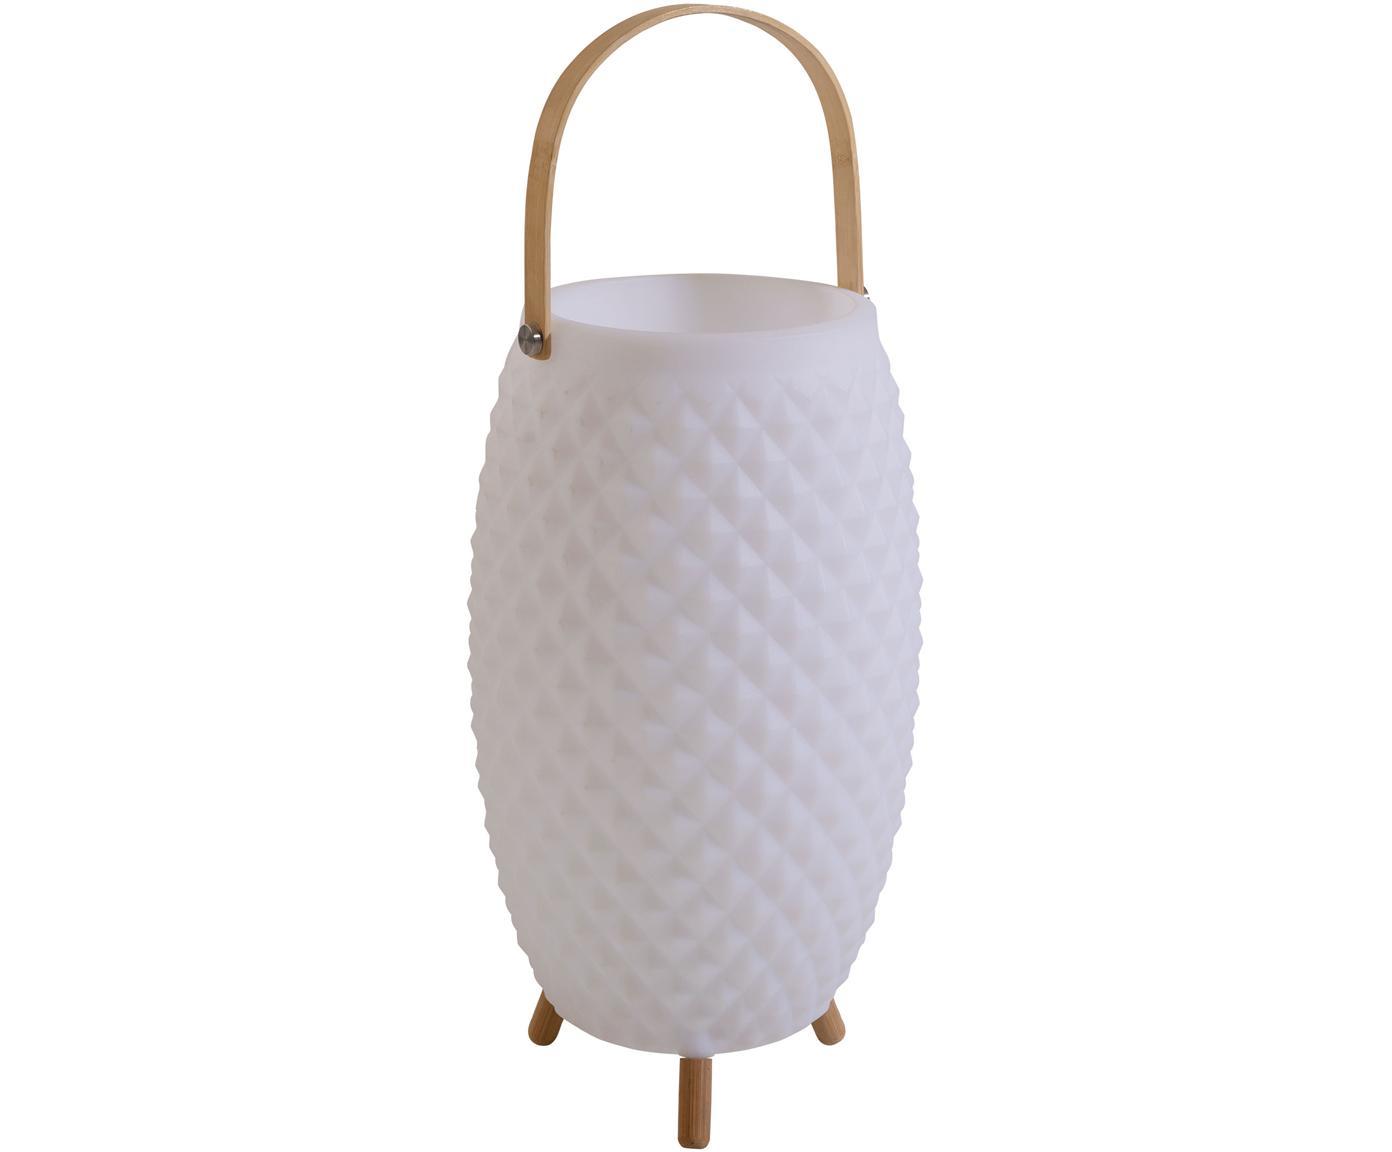 Mobile LED Außenleuchte Cooldown mit Lautsprecher, Kunststoff, Gummibaumholz, Weiß, Ø 25 x H 60 cm